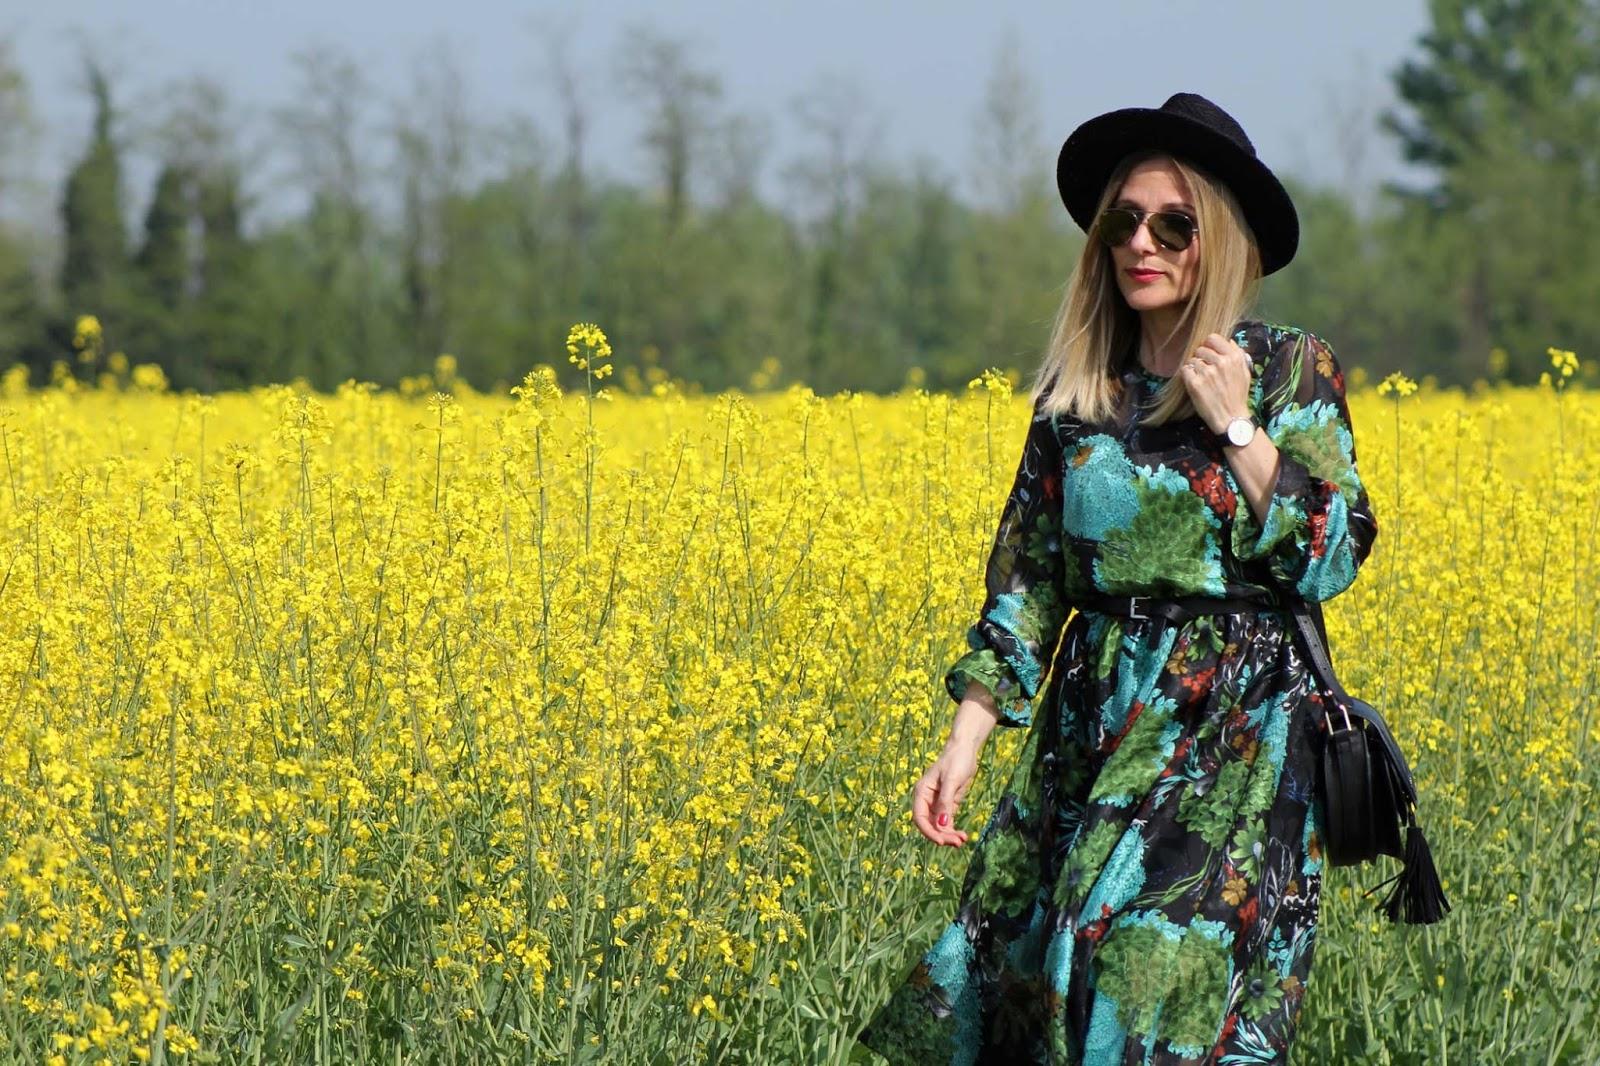 La felicità in un long floral dress